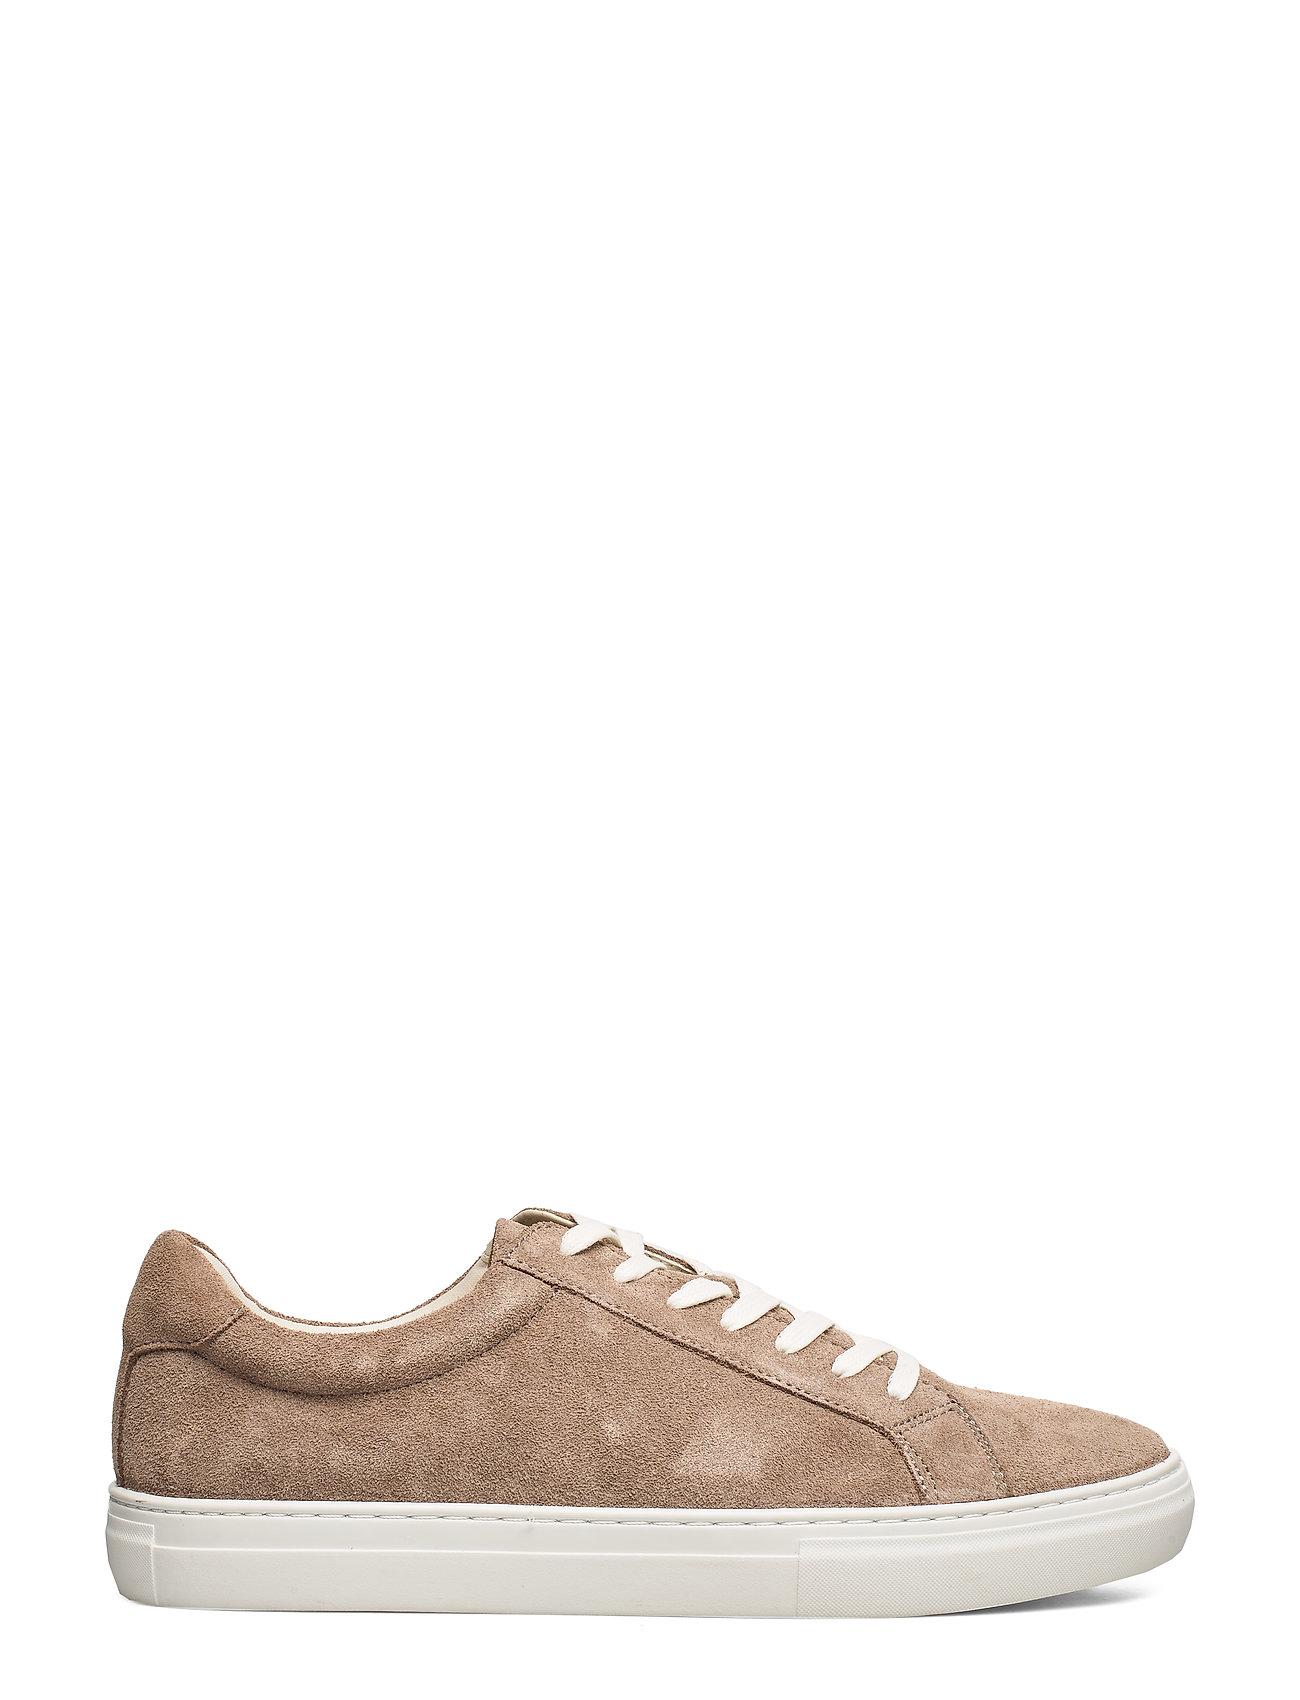 Image of Paul Low-top Sneakers Beige VAGABOND (3536383877)